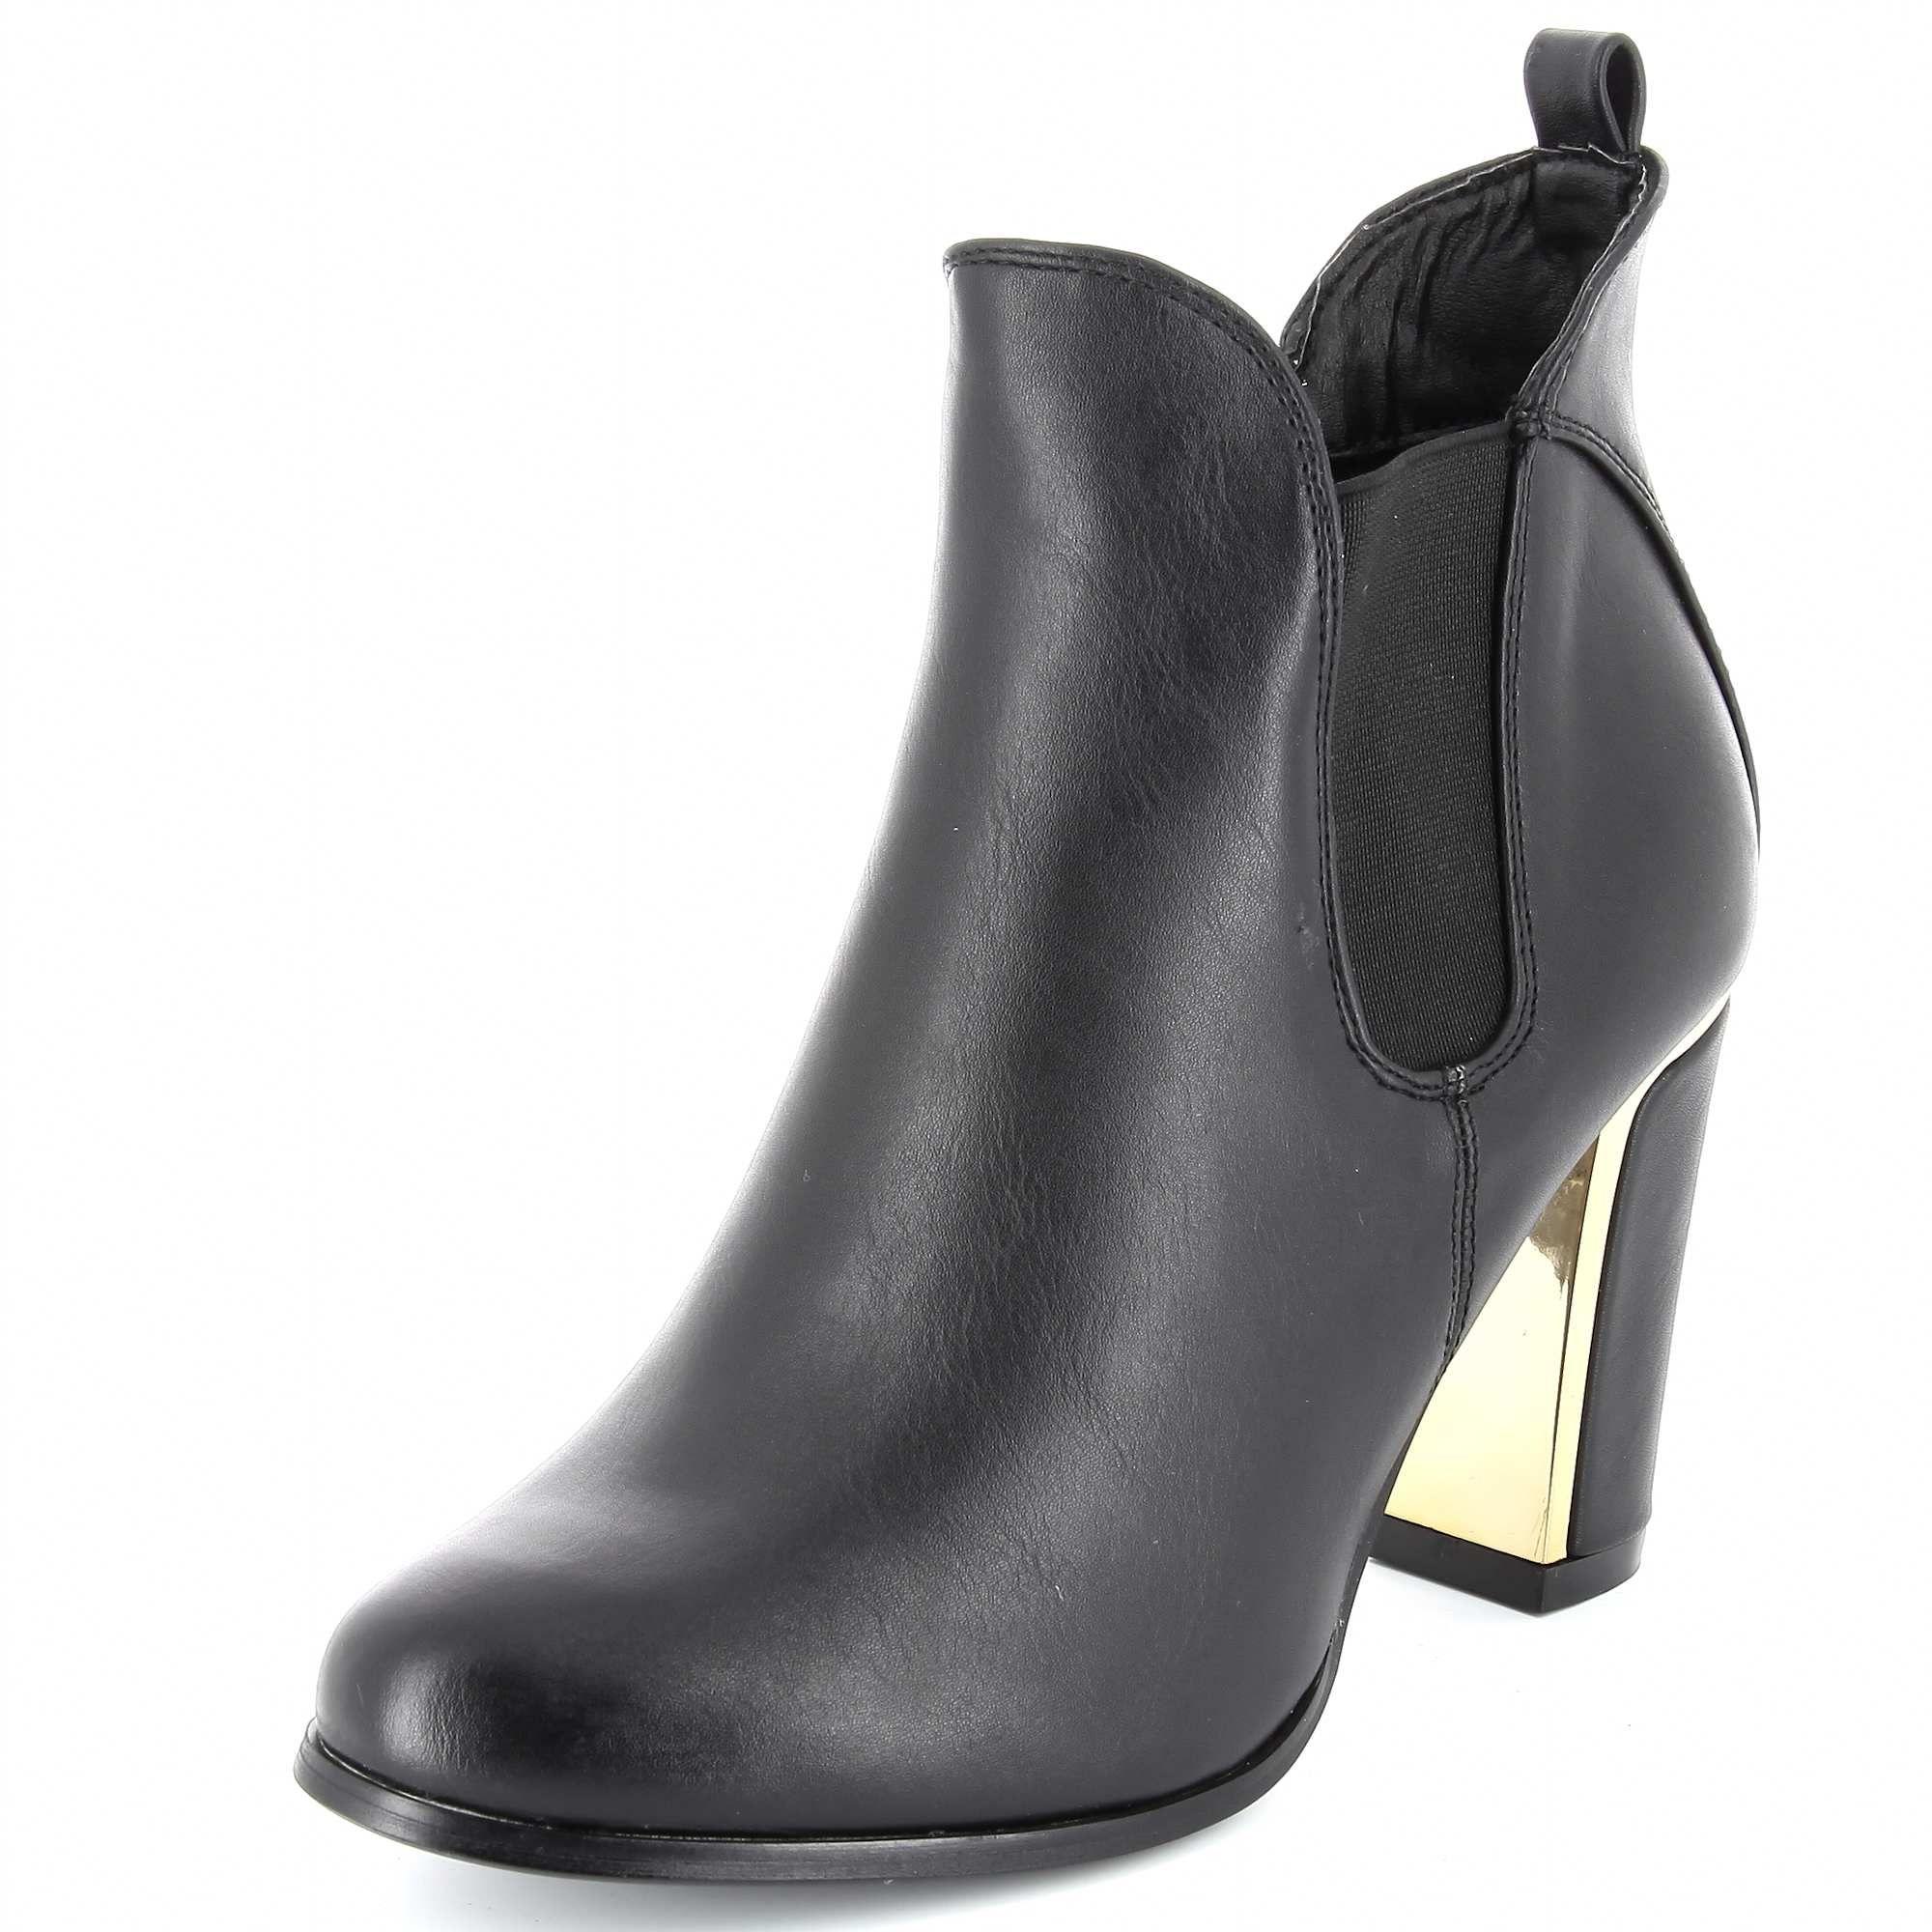 b929cd414 Boots à talons avec détail métallique … | MODE | Boots…